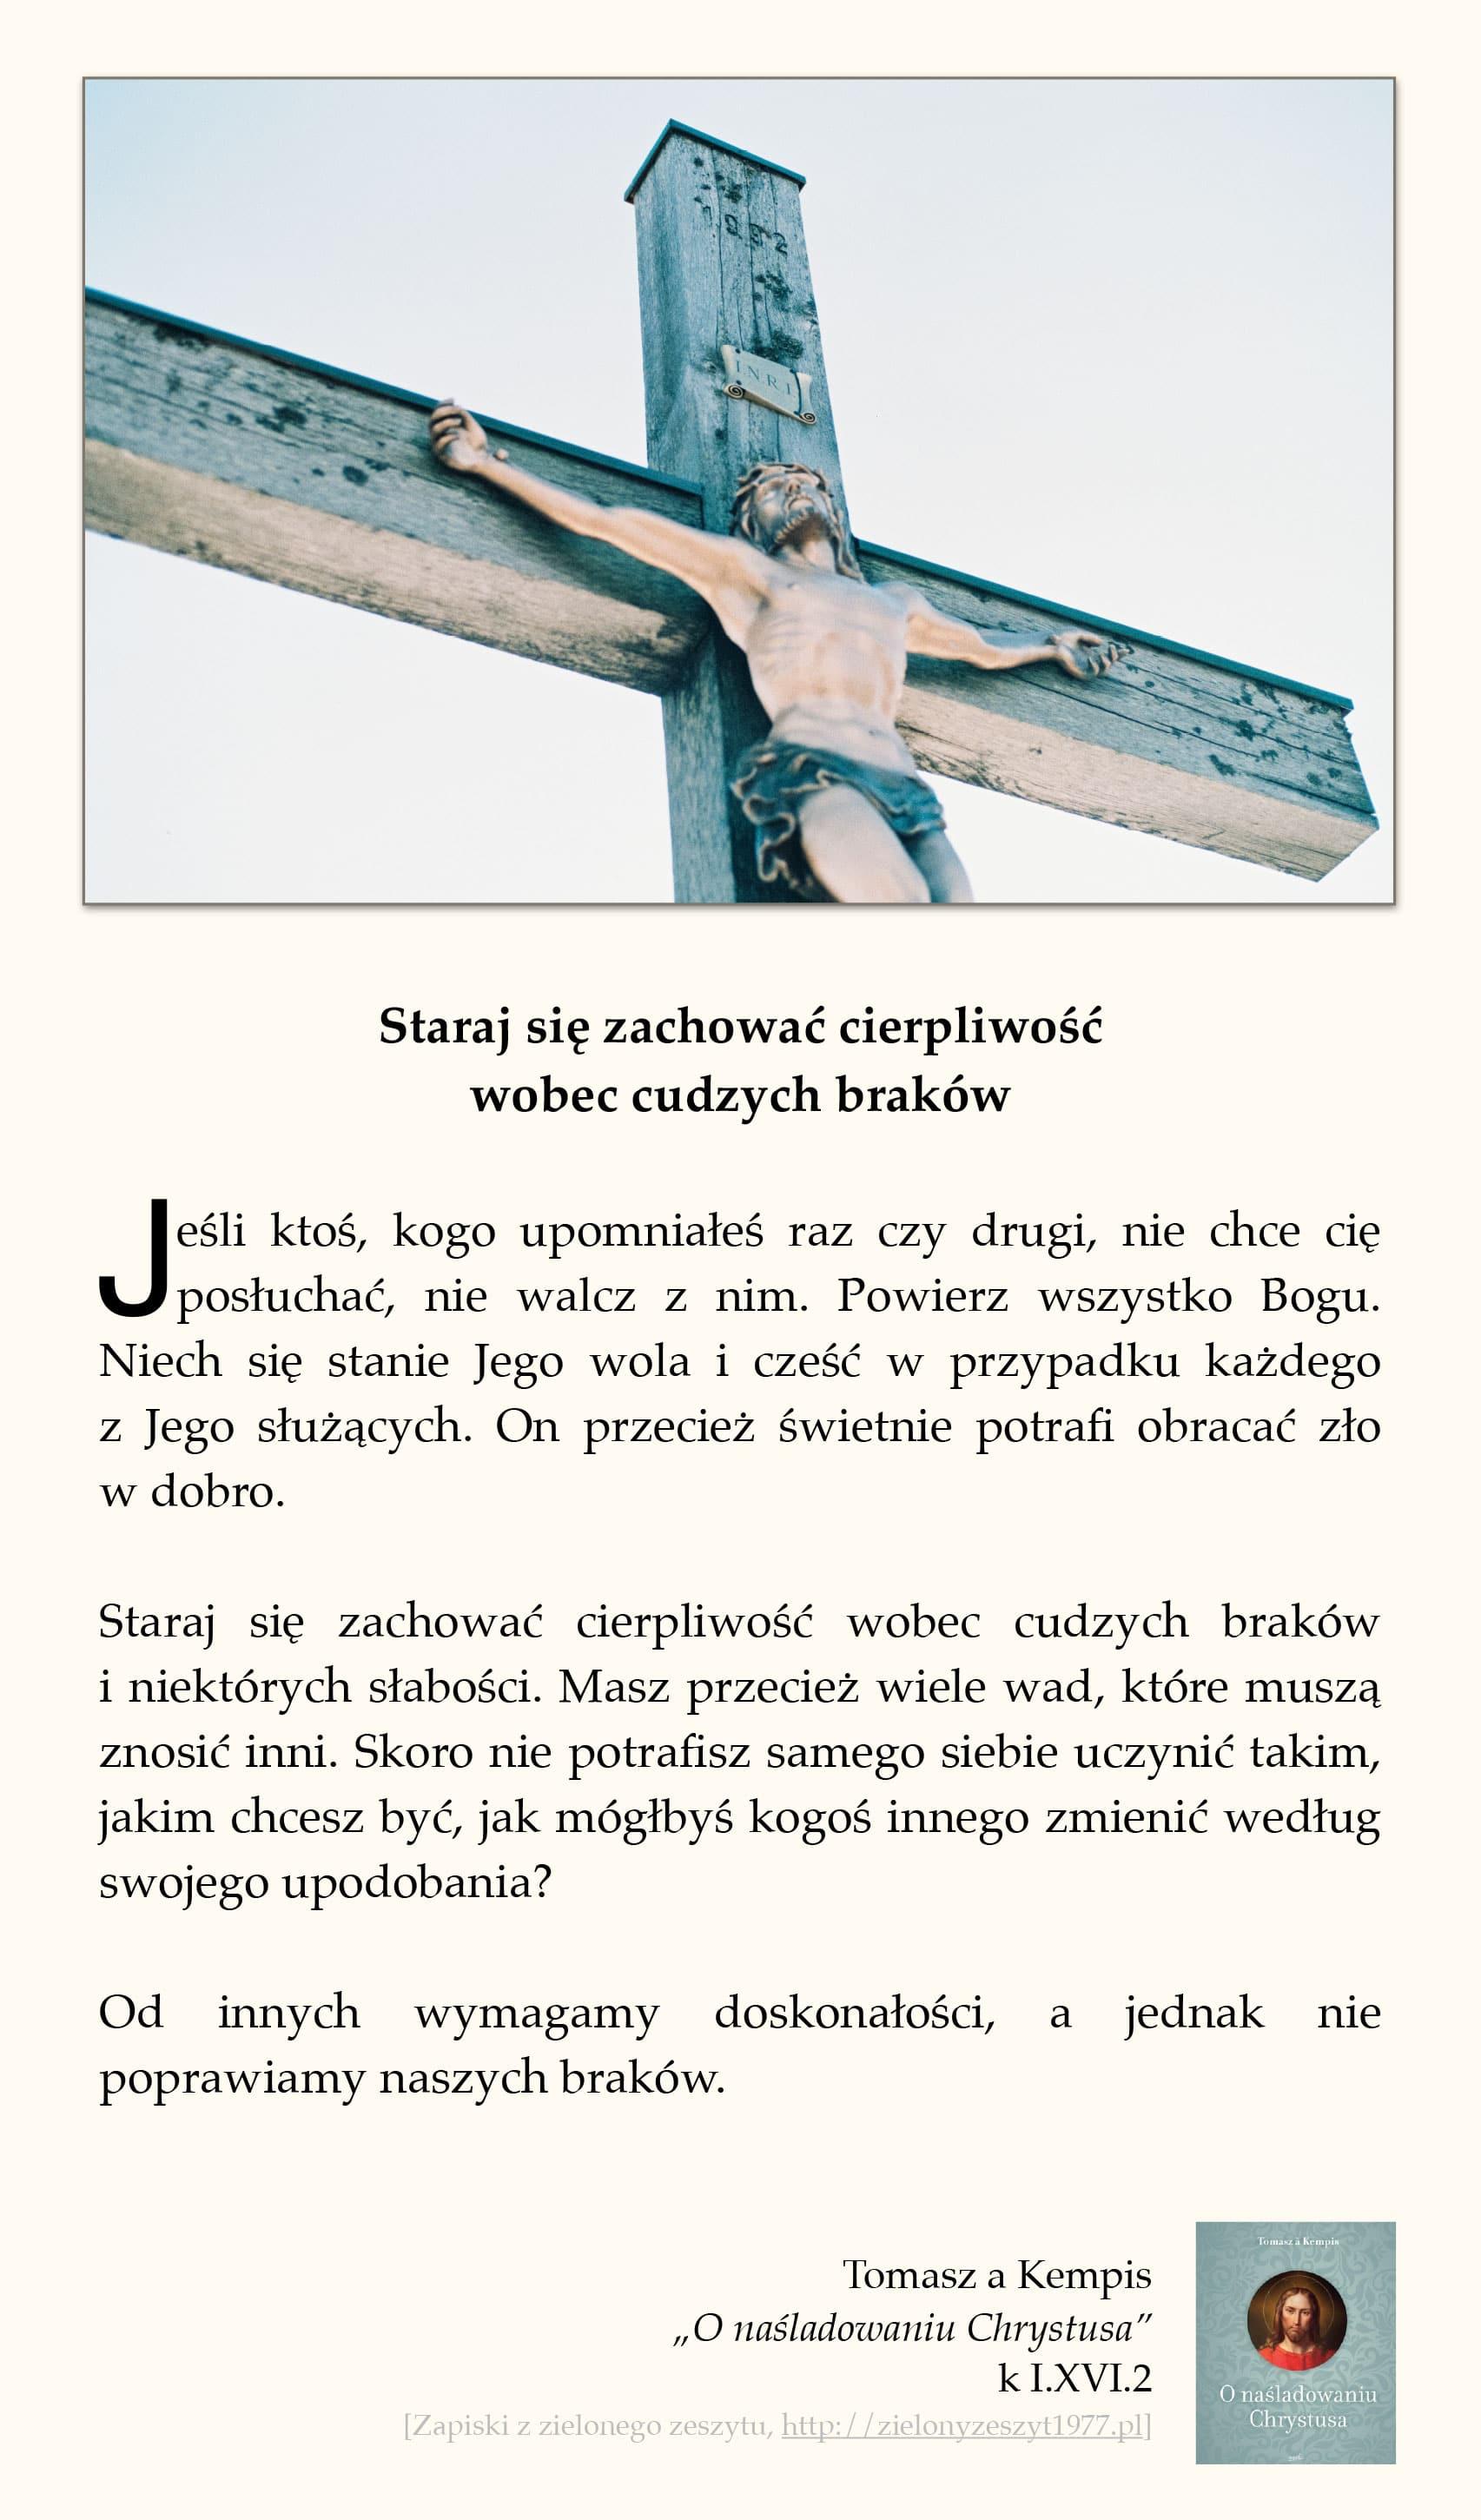 """Tomasz a Kempis, """"O naśladowaniu Chrystusa"""", k I.XVI.2 (Staraj się zachować cierpliwość wobec cudzych braków)"""